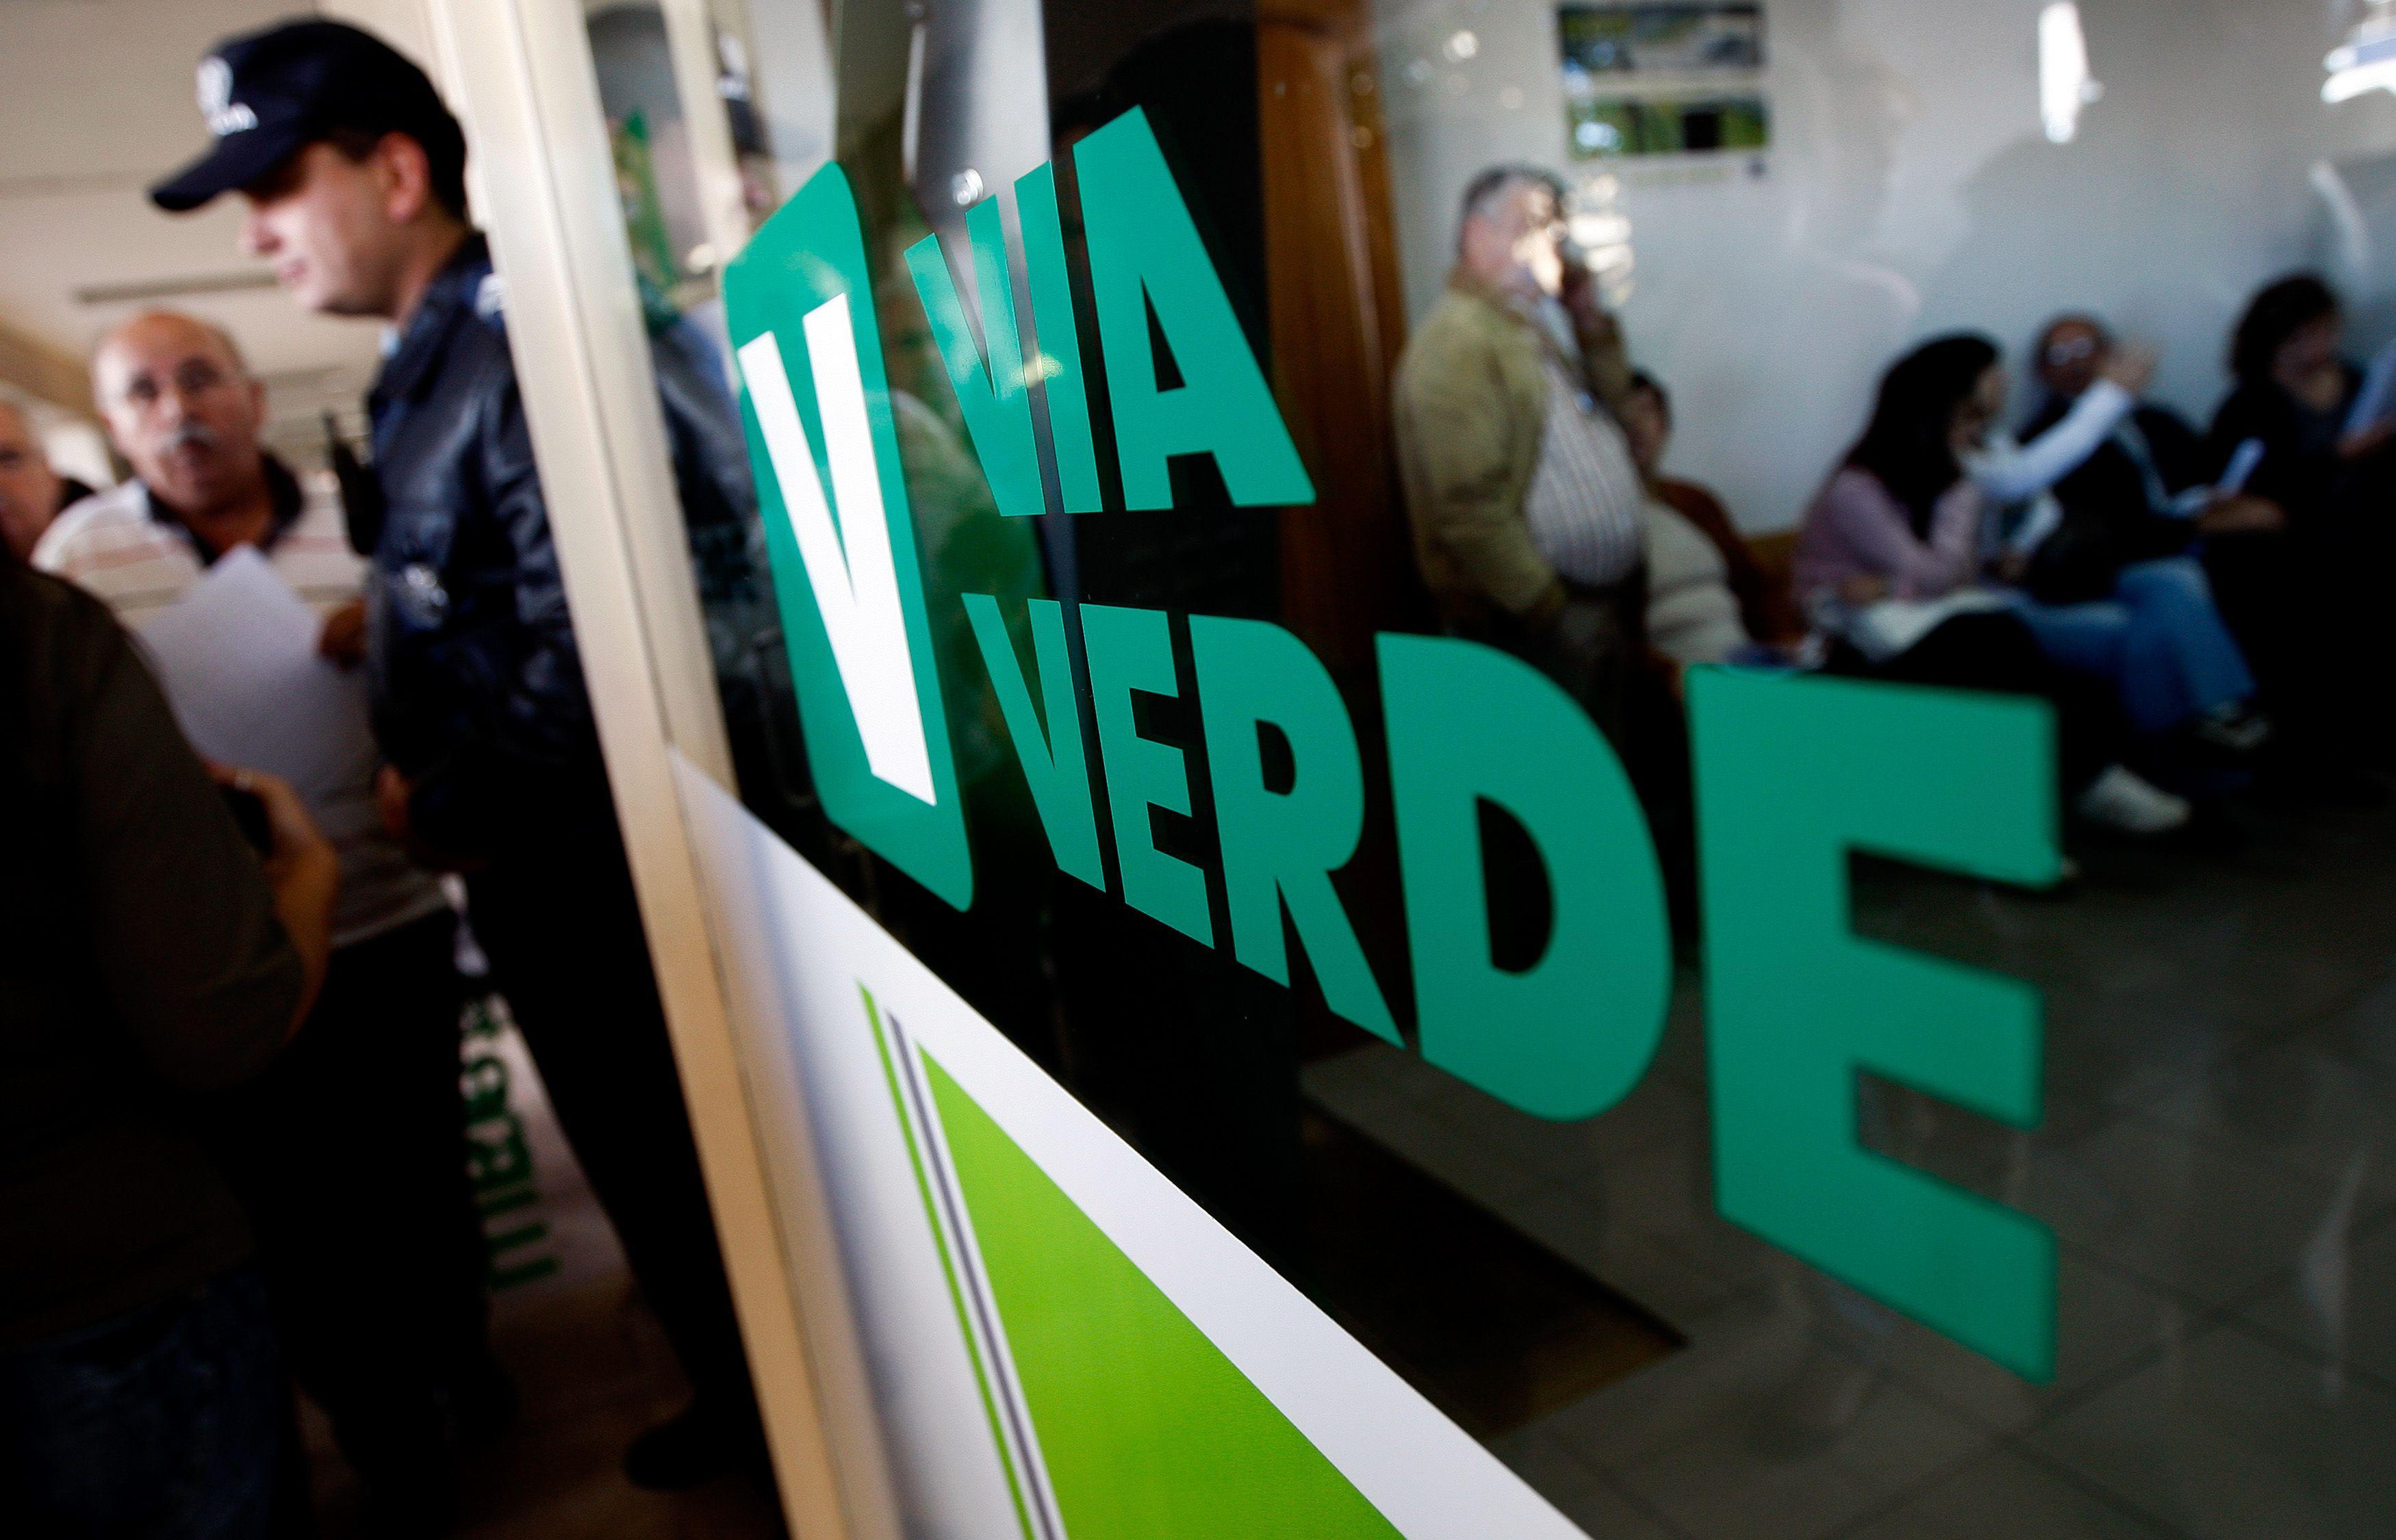 Via Verde alerta para emails fraudulentos sobre dívidas de portagem